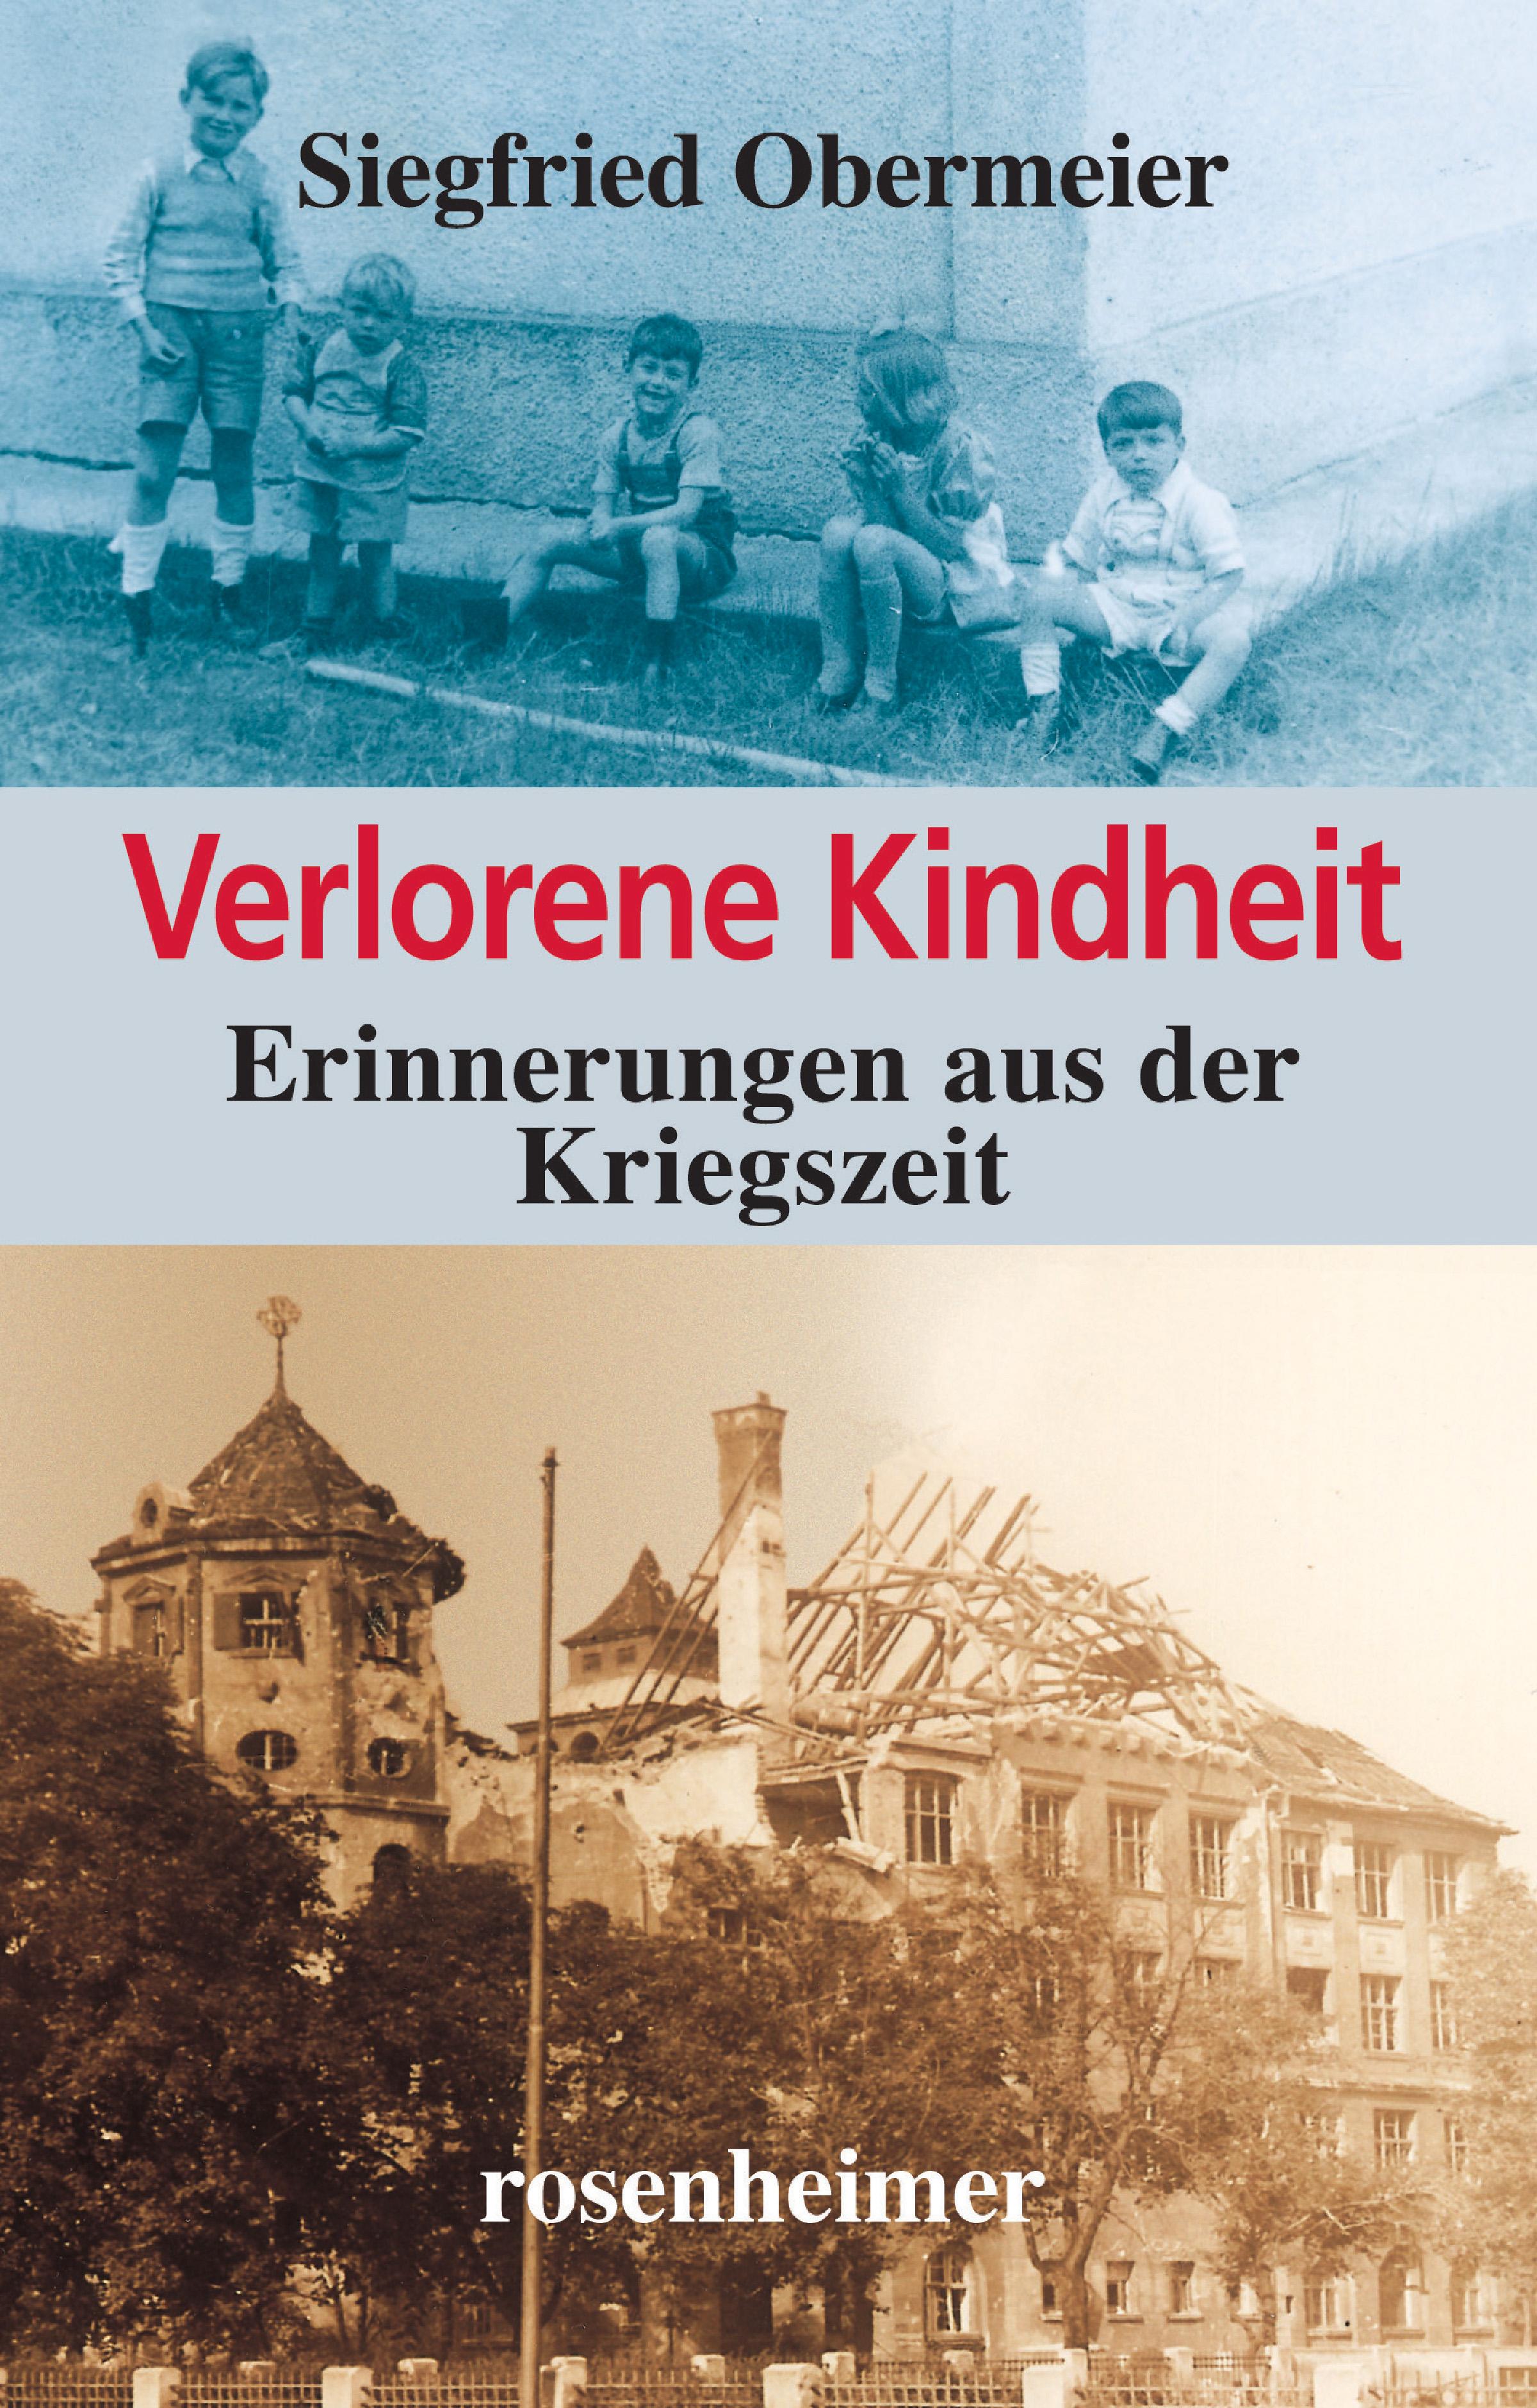 Siegfried Obermeier Verlorene Kindheit - Erinnerungen aus der Kriegszeit